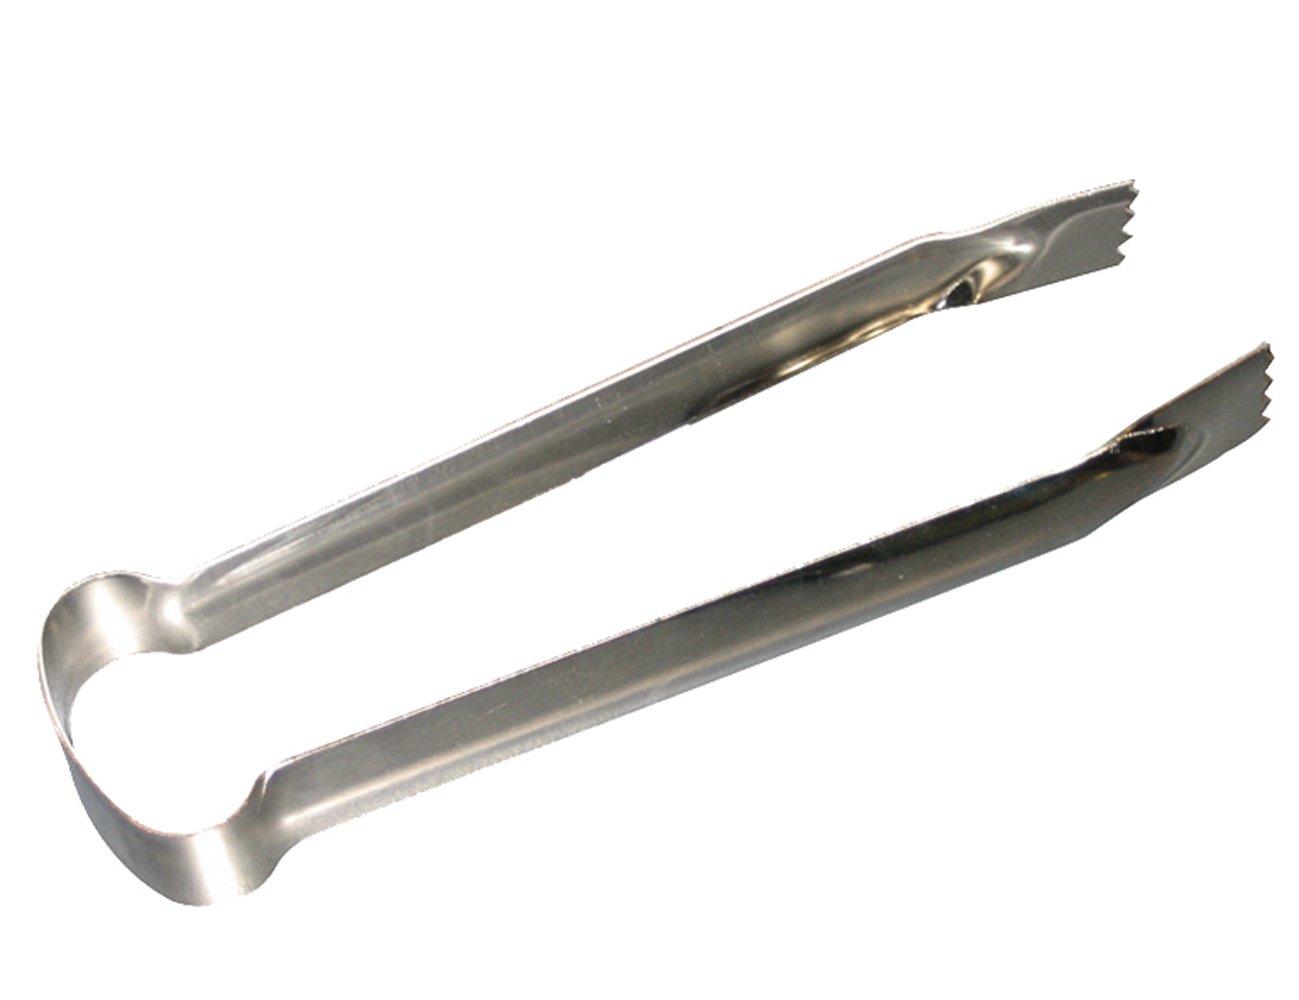 Turk 73357 pinze per carbonella Molla realizzata in acciaio nichelato, 24 cm 24cm